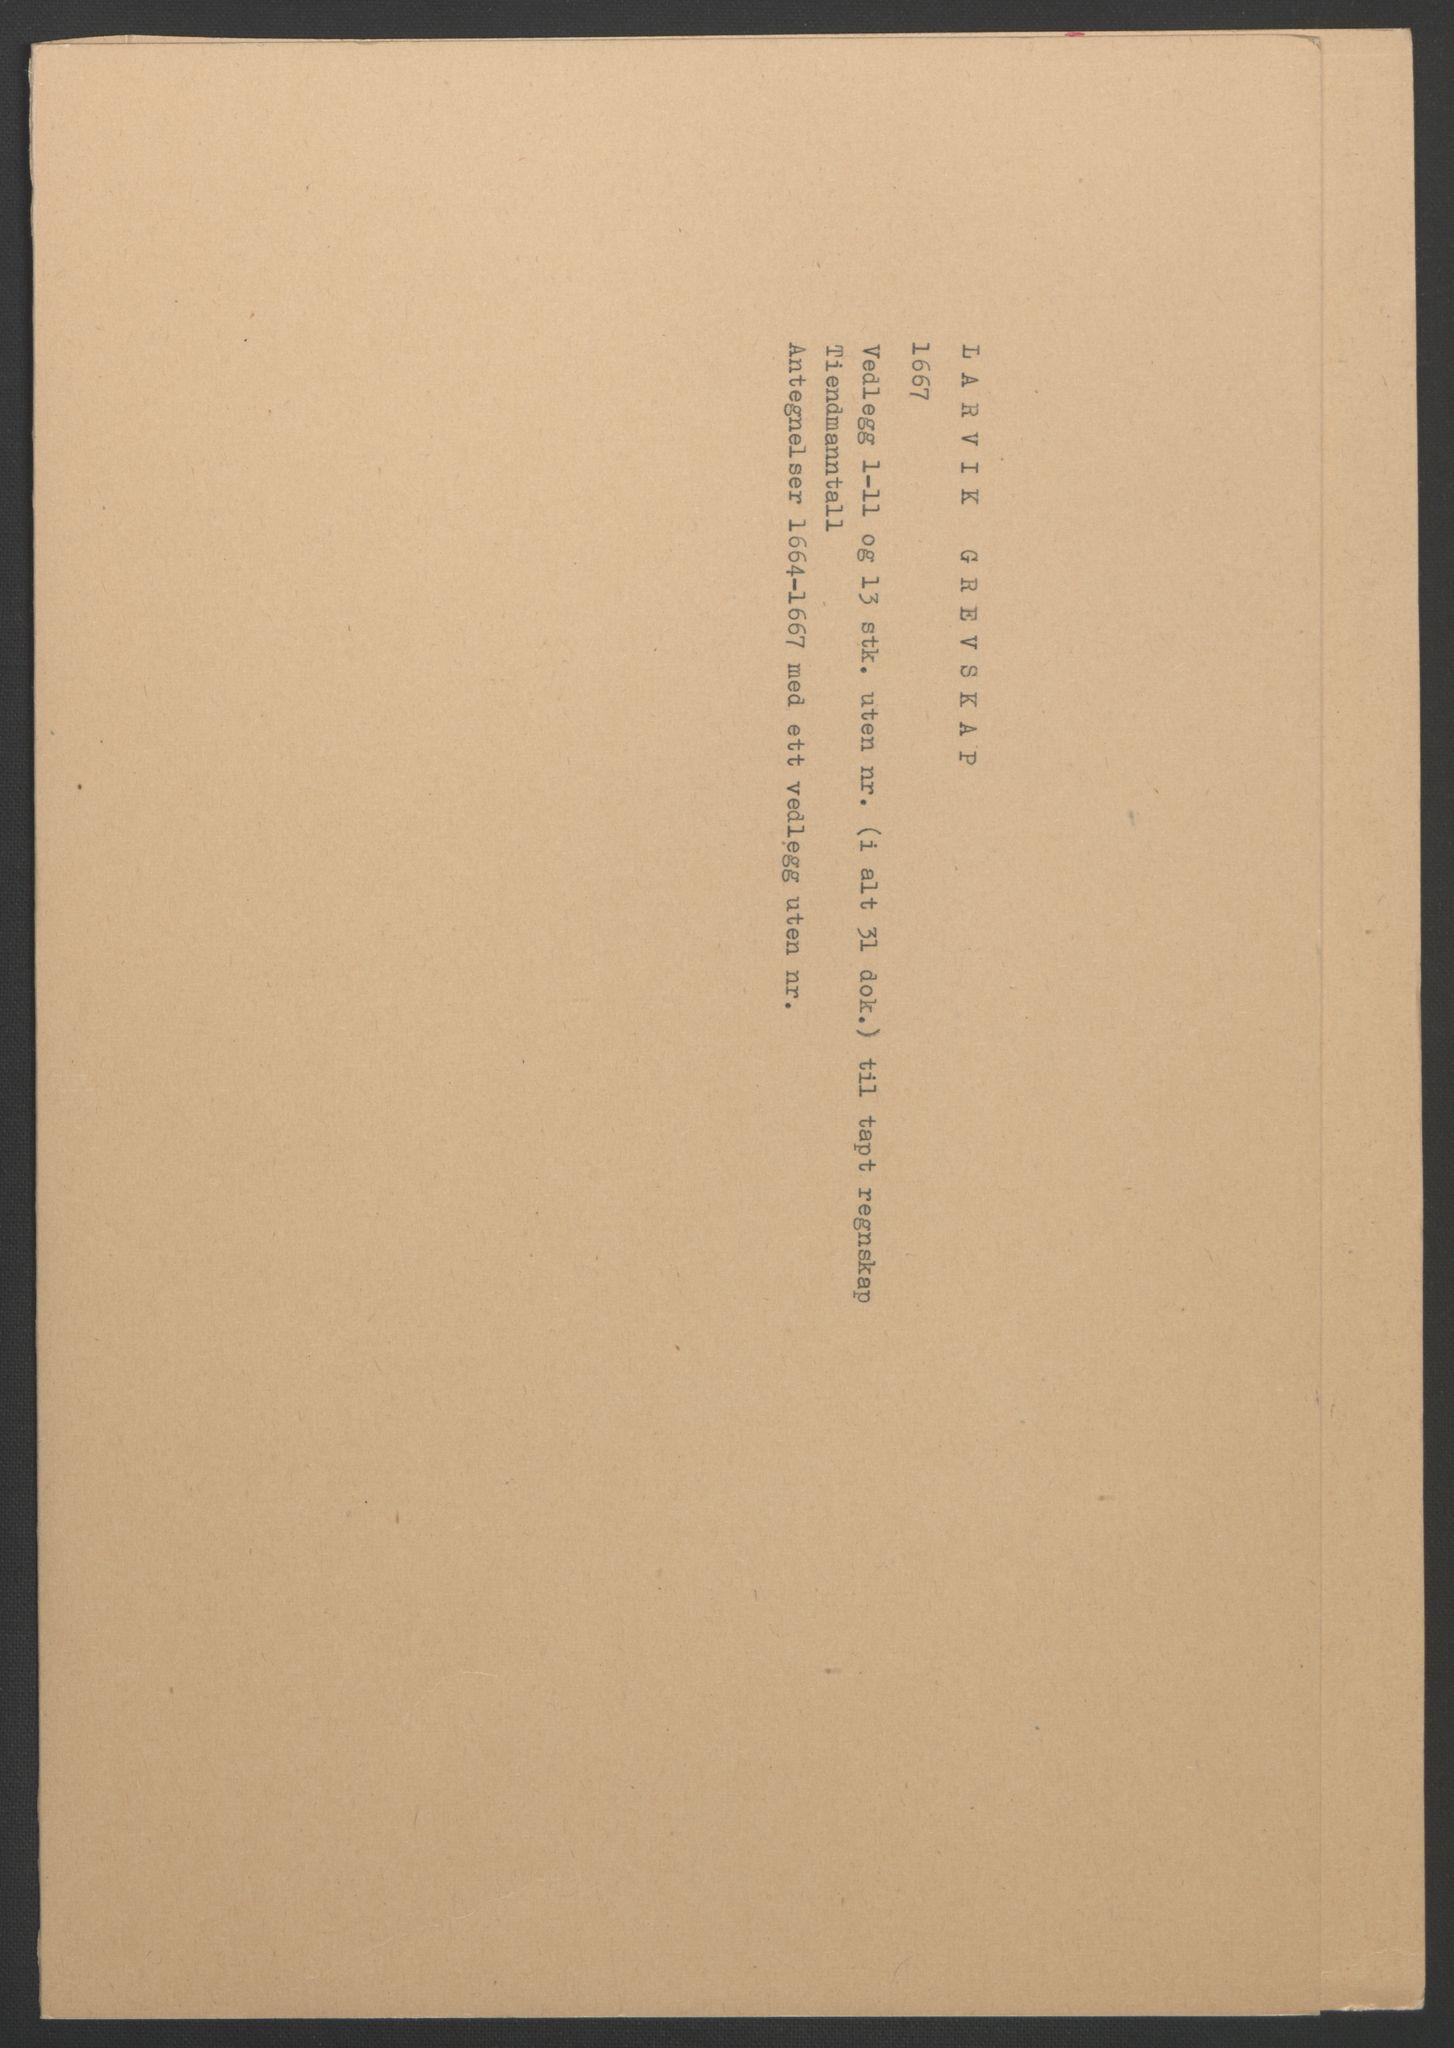 RA, Rentekammeret inntil 1814, Reviderte regnskaper, Fogderegnskap, R33/L1964: Fogderegnskap Larvik grevskap, 1665-1668, s. 53